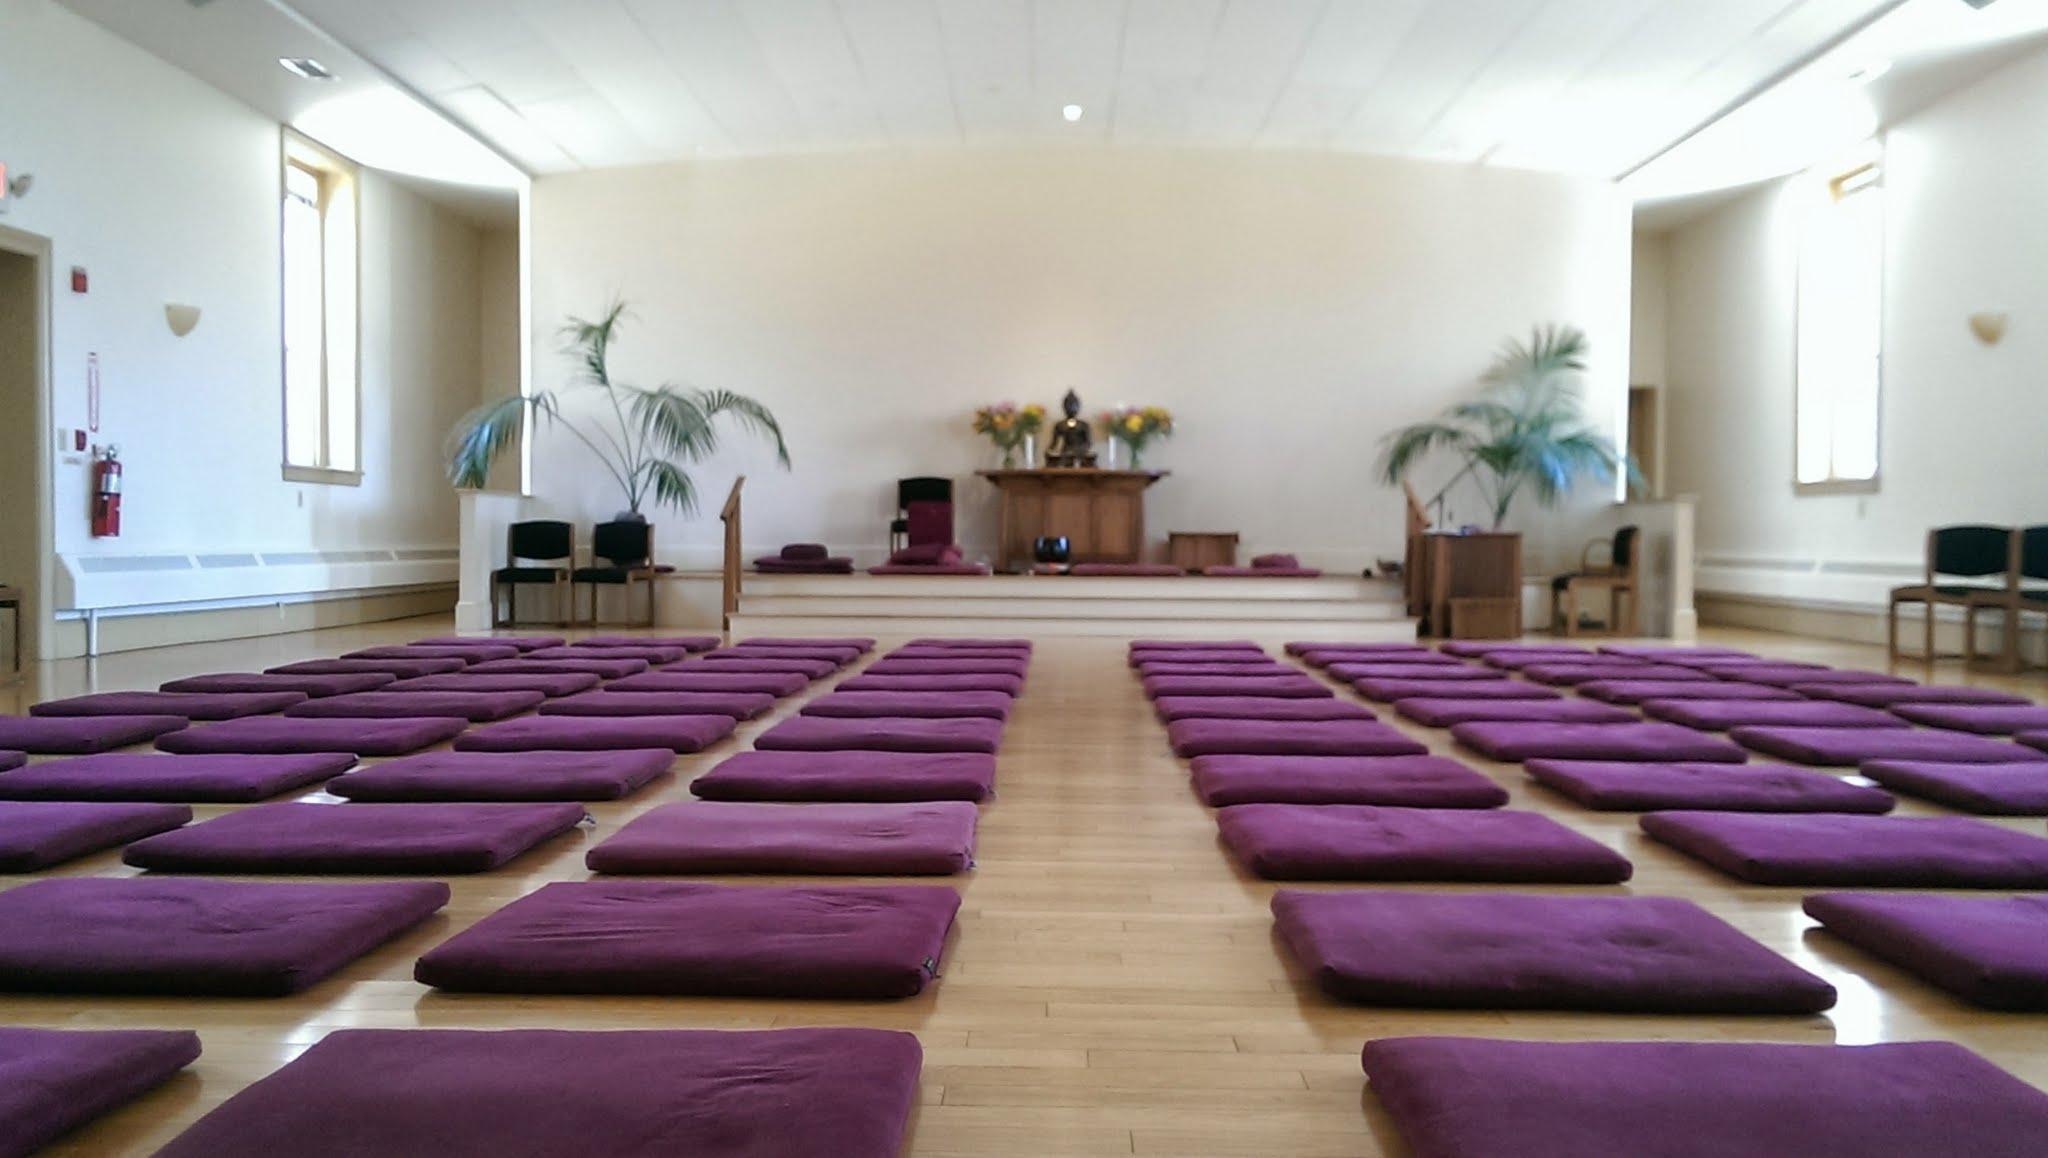 10 Day Meditation Retreat At Ims Barre Ma Rdchambers Net